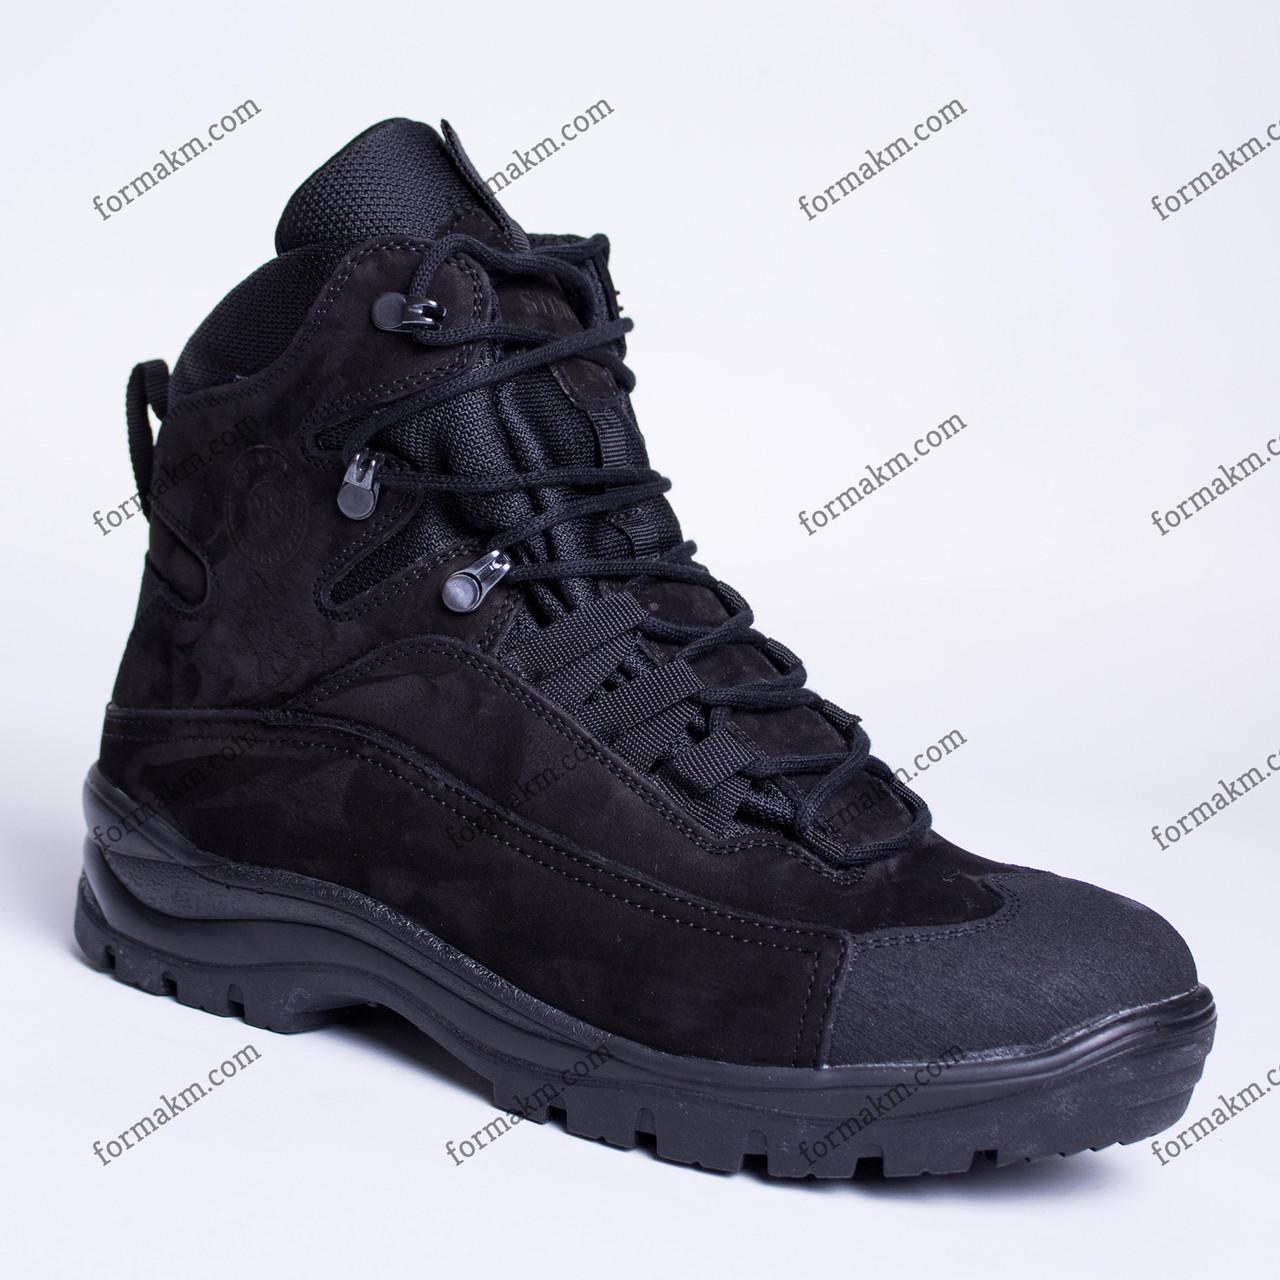 Тактические Ботинки, Полуботинки Зимние Desert Evo.2 Black